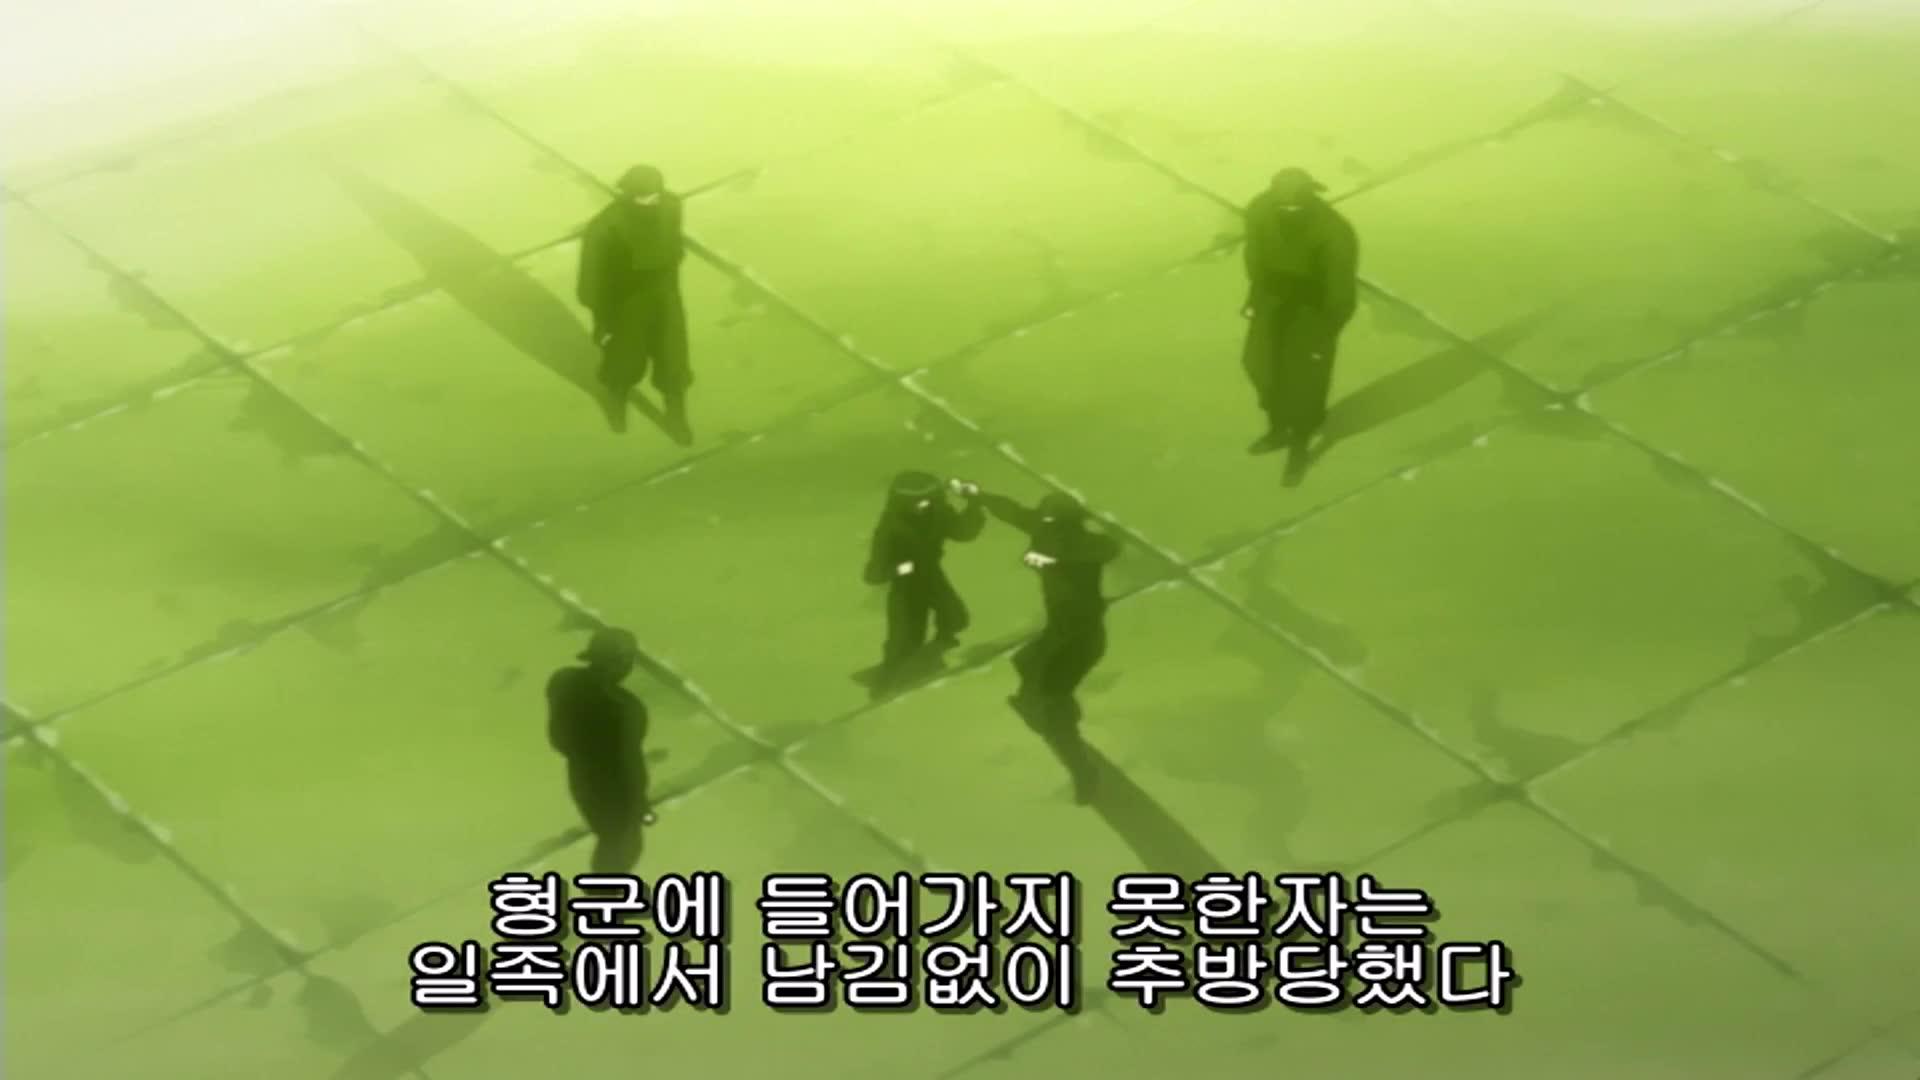 16화 천본앵, 분쇄! 하늘을 찌르는 참월